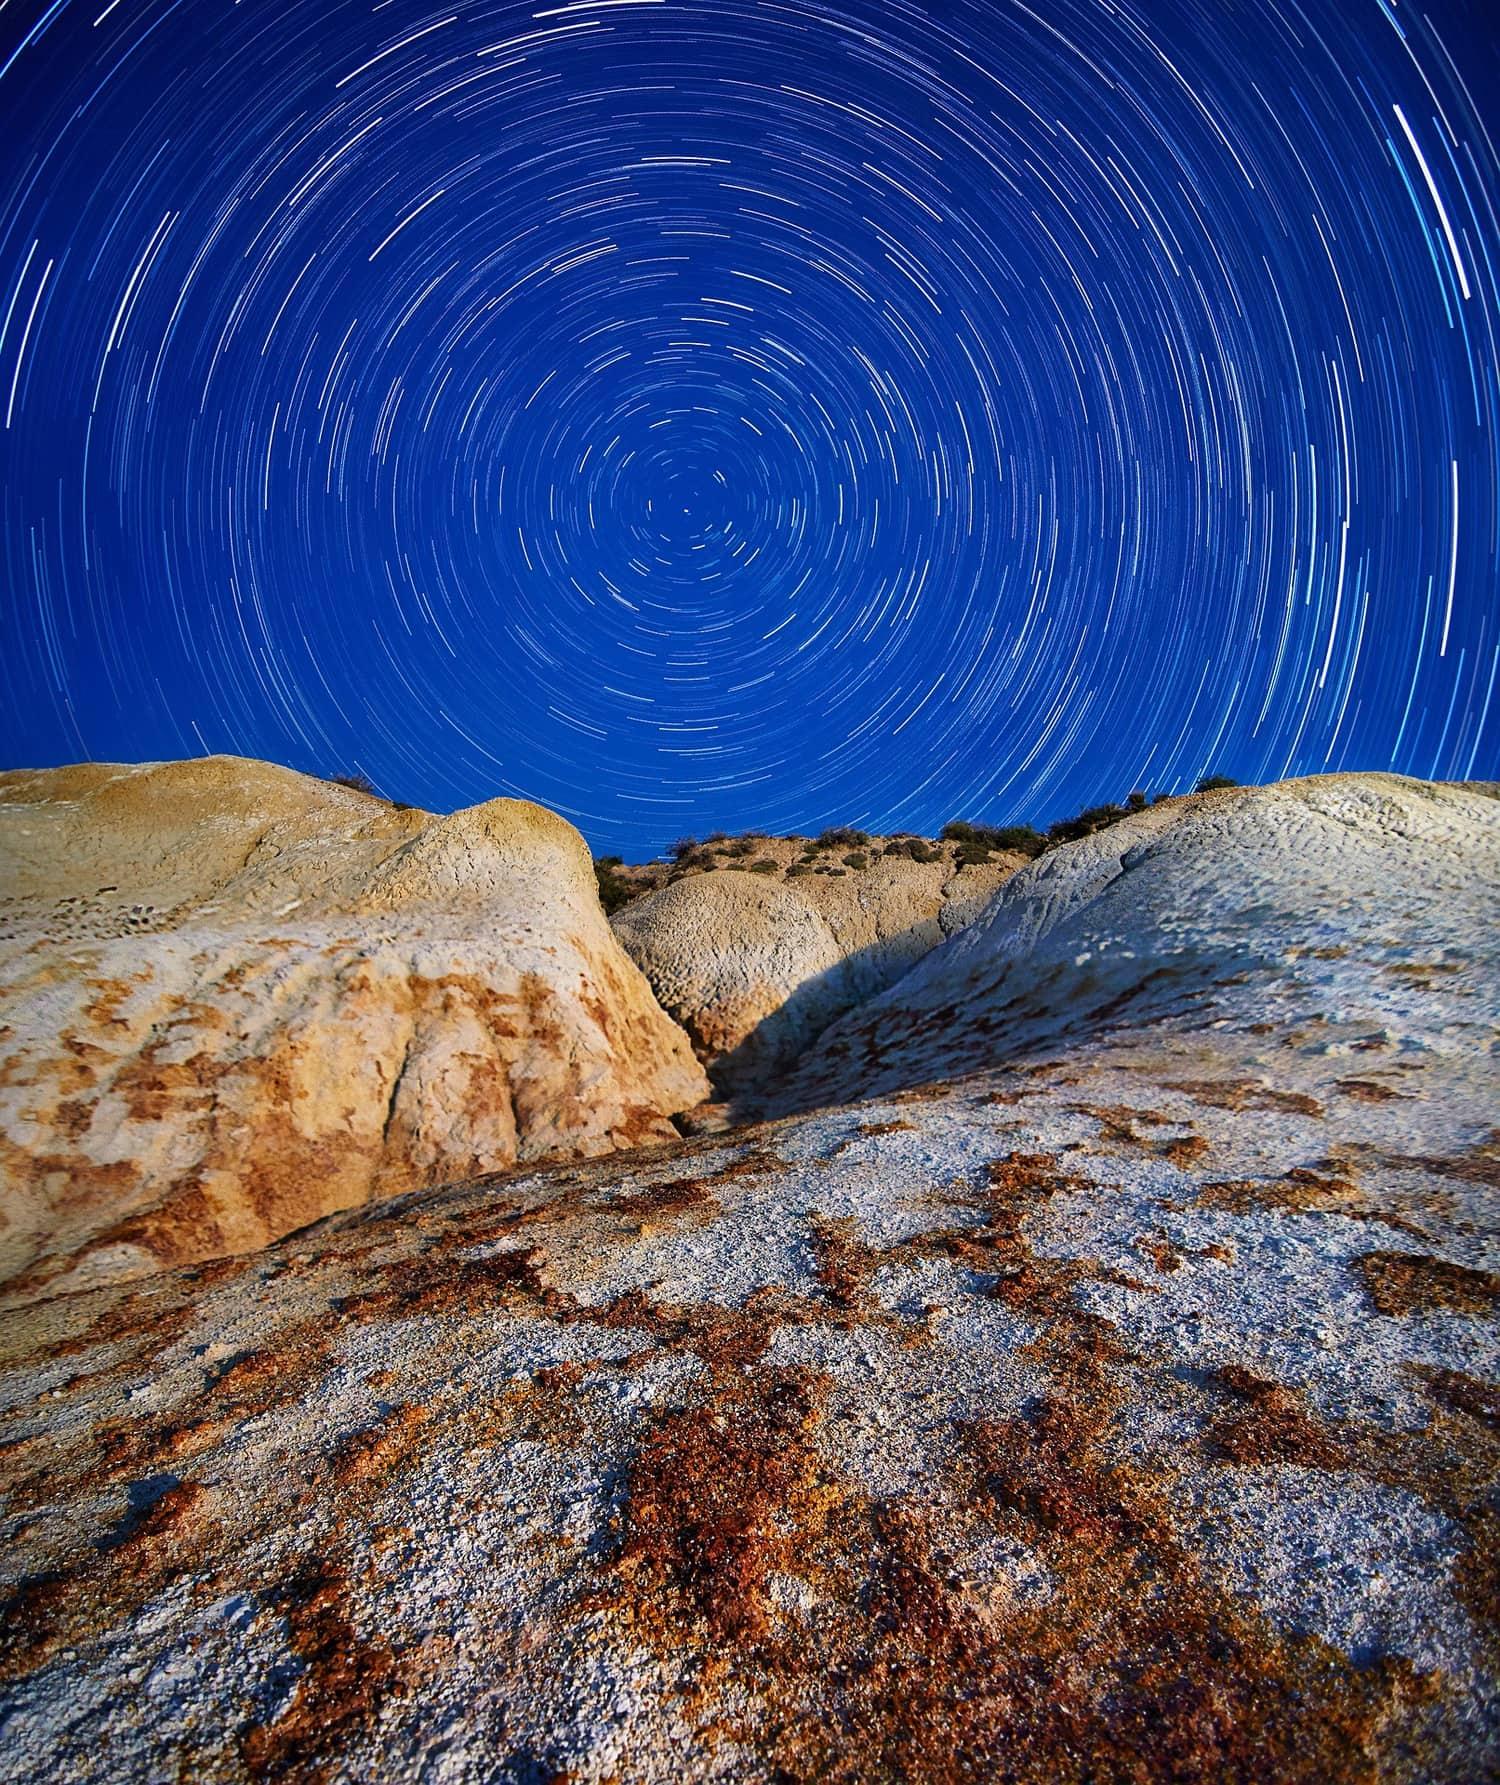 estela estrellas